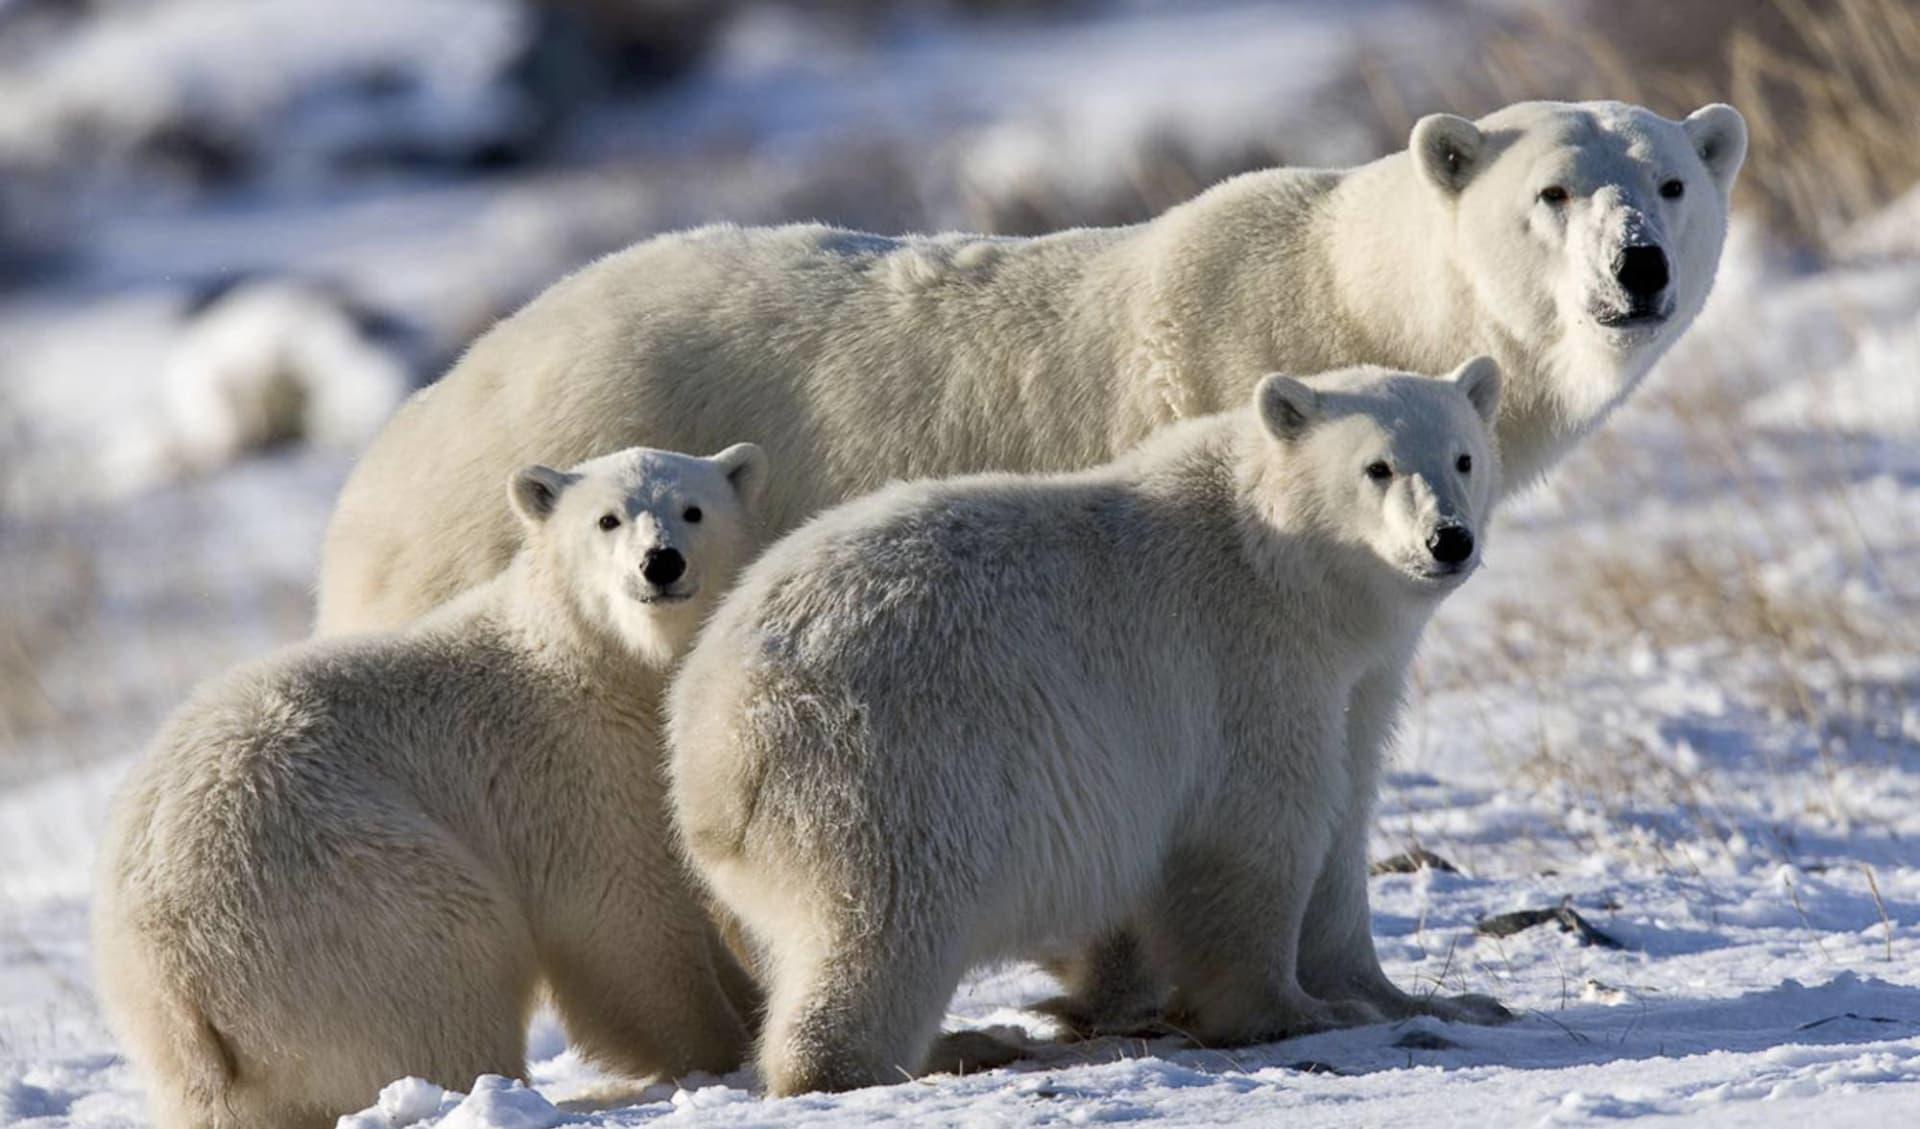 Eisbären-Abenteuer Hudson Bay im Winter ab Winnipeg: Kanada - Manitoba - Eisbären-Familie